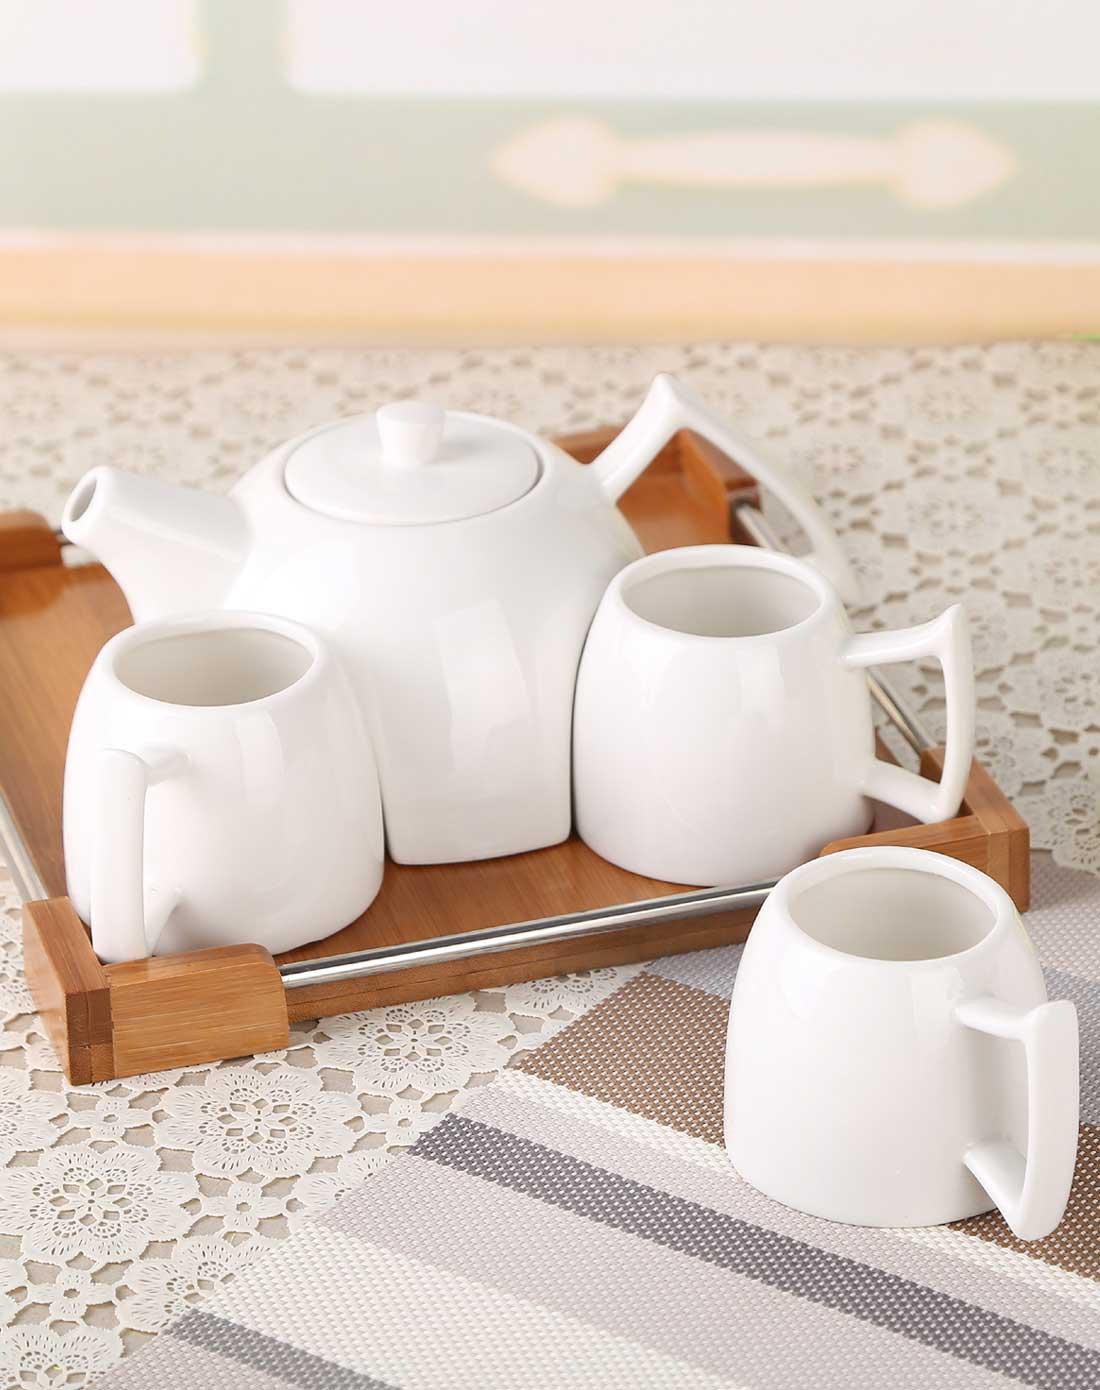 武汉茶叶茶具批发市场